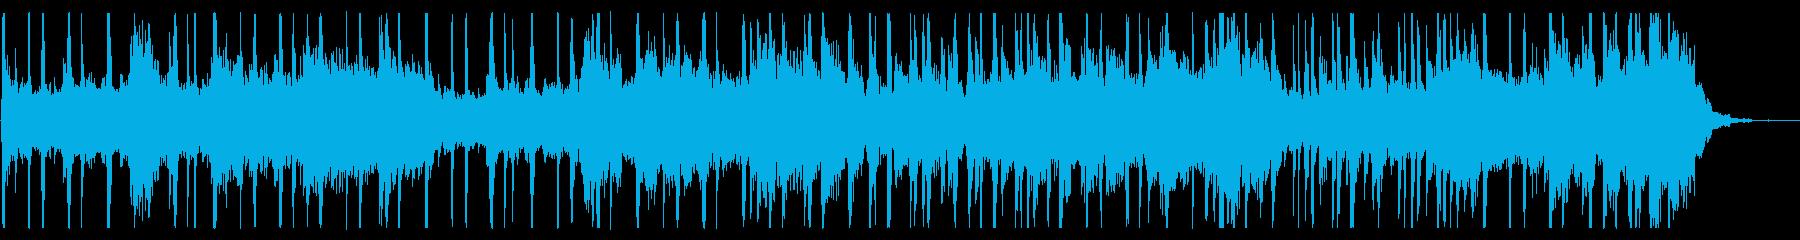 大人なR&B_No638_2の再生済みの波形